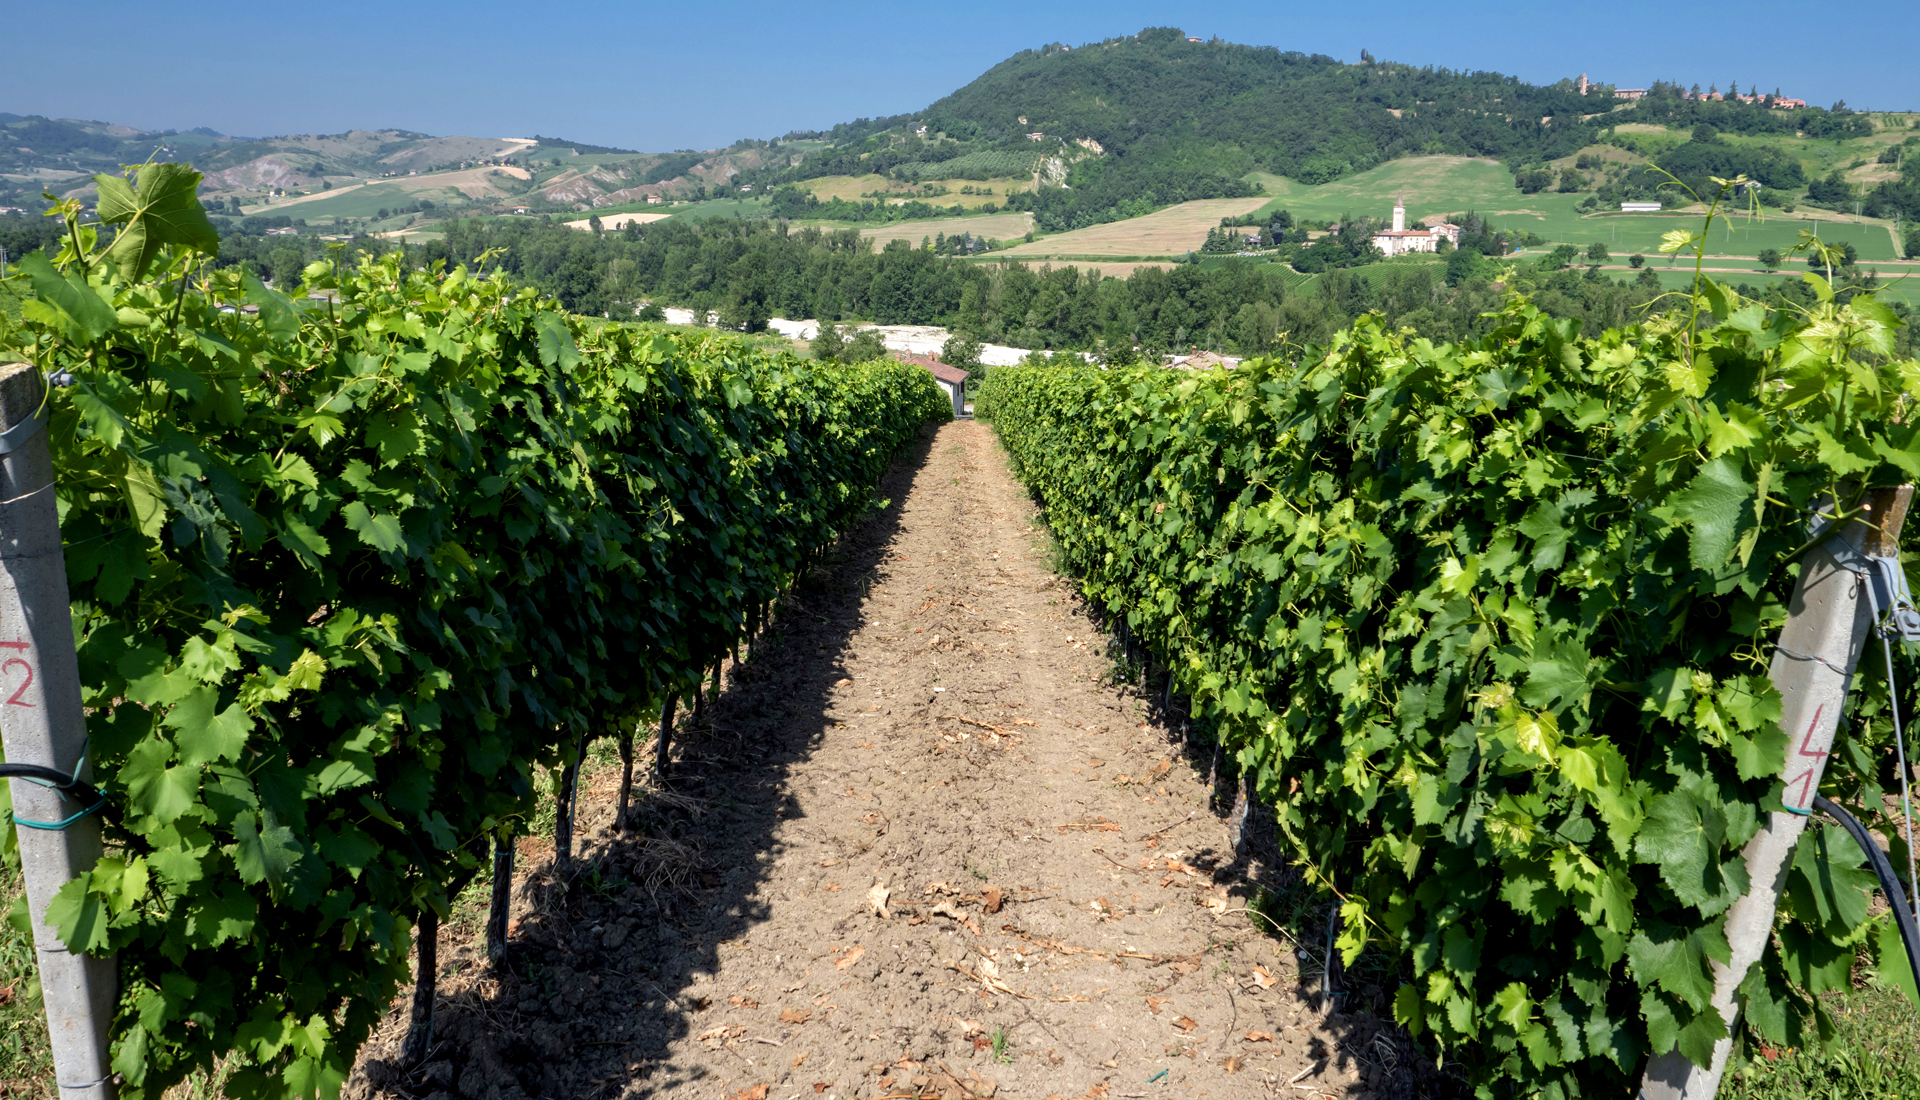 Vigneto Isola - Grechetto gentile utilizzato per Colli Bolognesi Pignoletto docg Frizzante